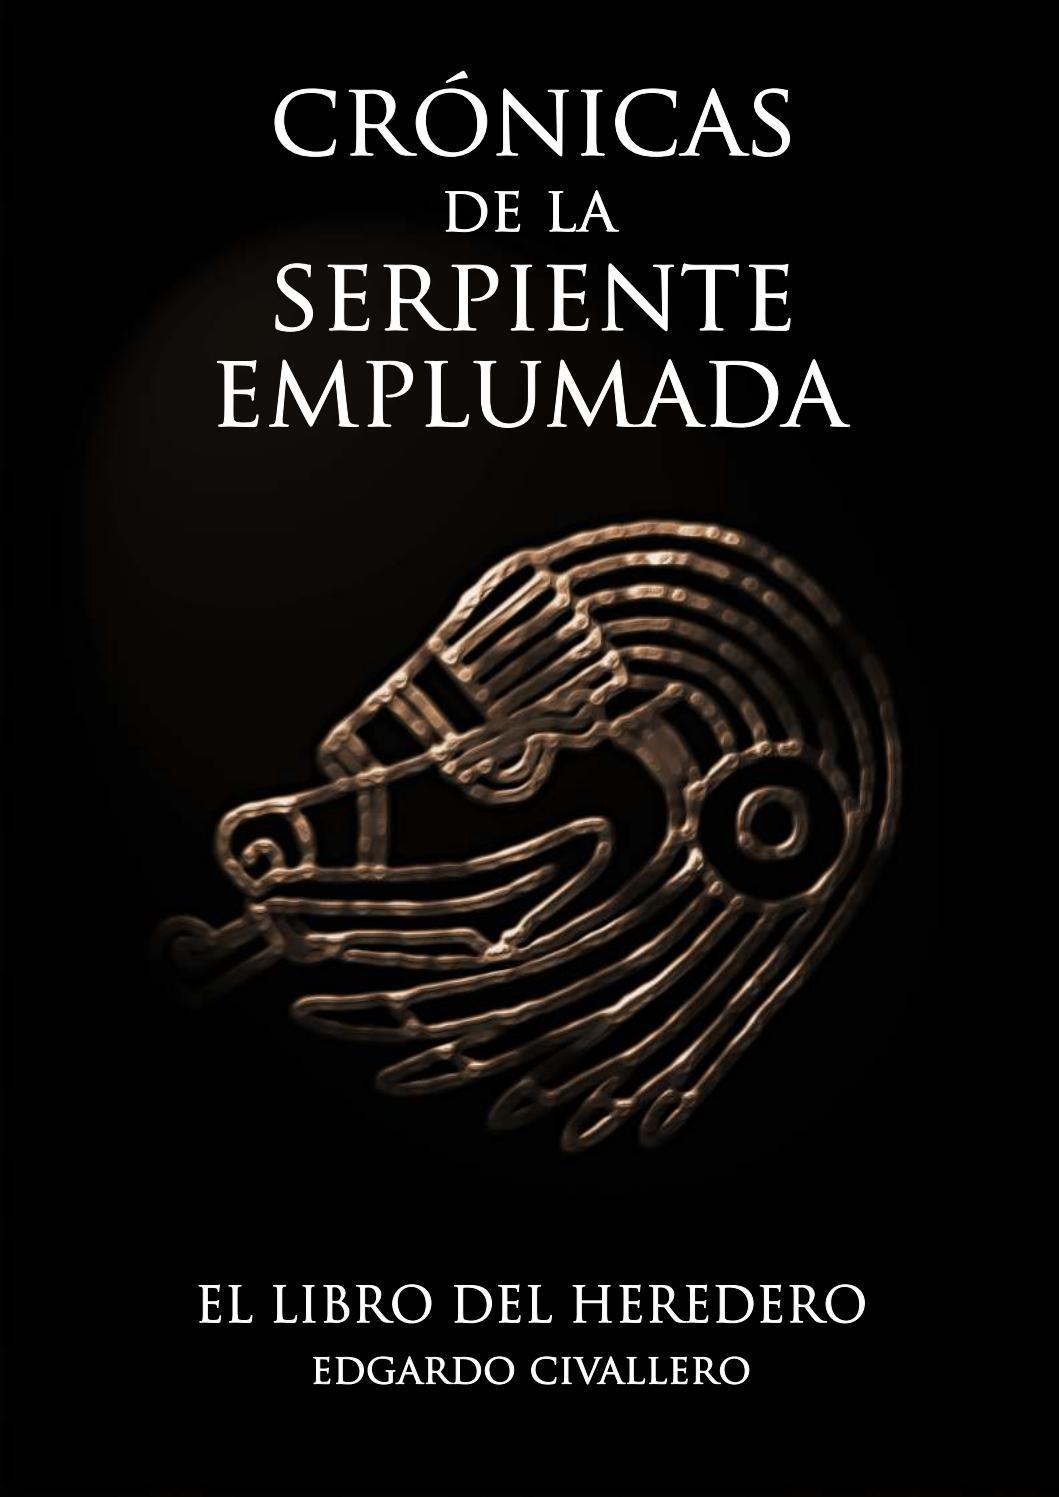 Crónicas De La Serpiente Emplumada Iii El Libro Del Heredero By Edgardo Civallero Issuu